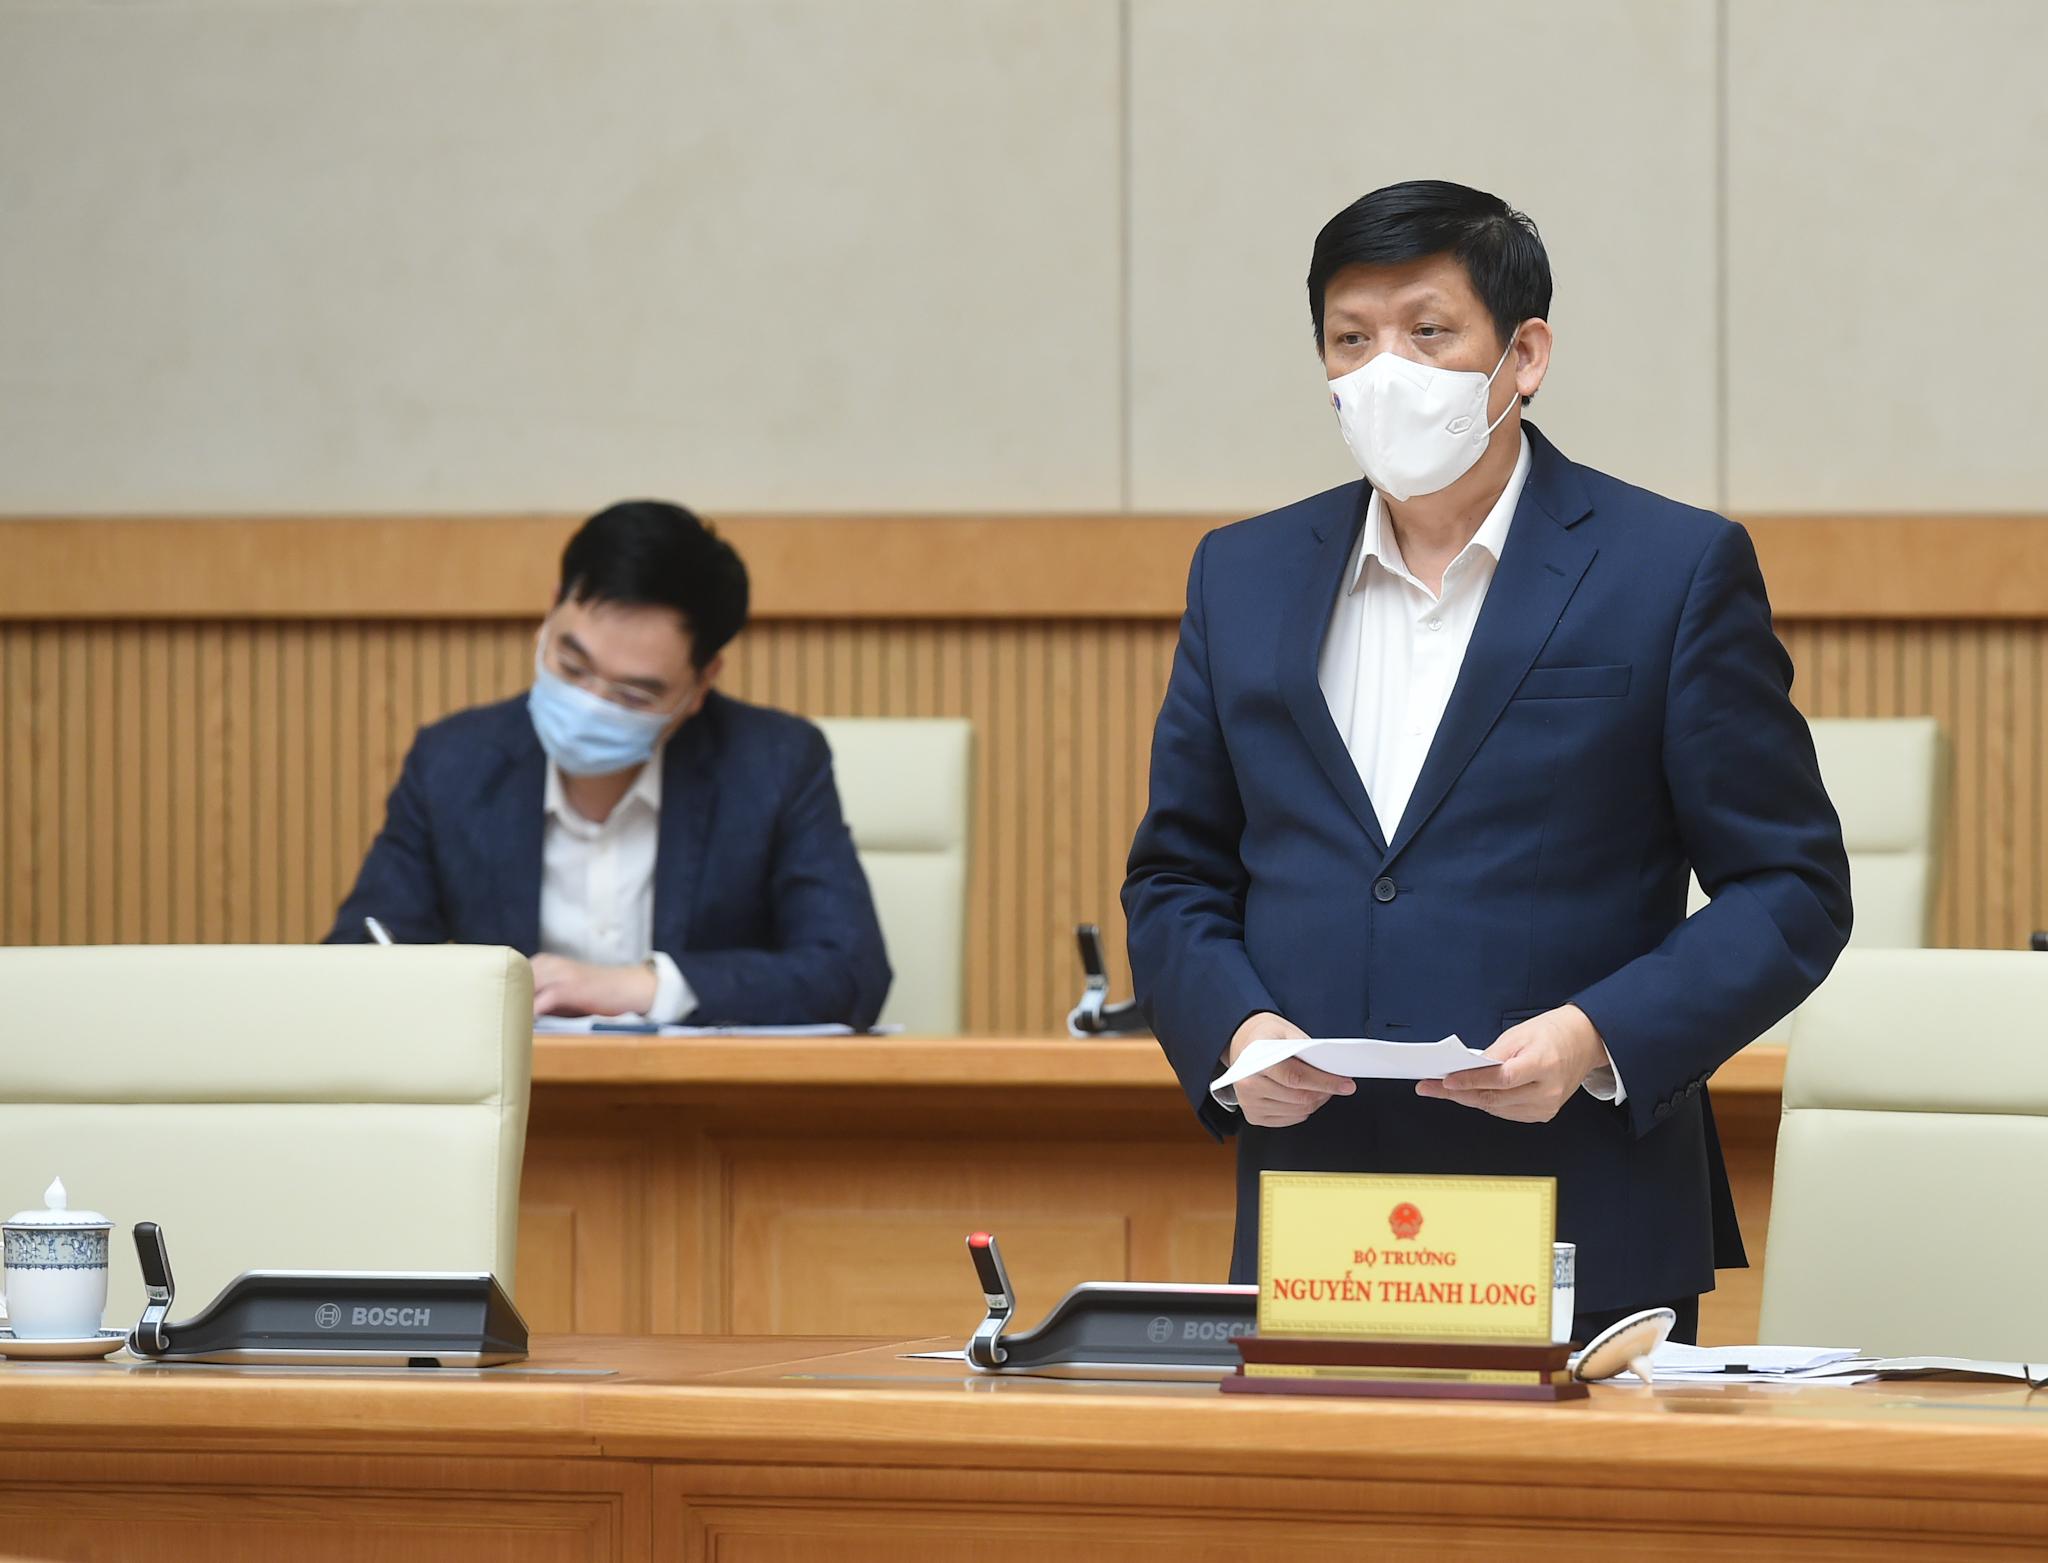 Bộ trưởng Bộ Y tế Nguyễn Thanh Long báo cáo tại Phiên họp - Ảnh: VGP/Quang Hiếu